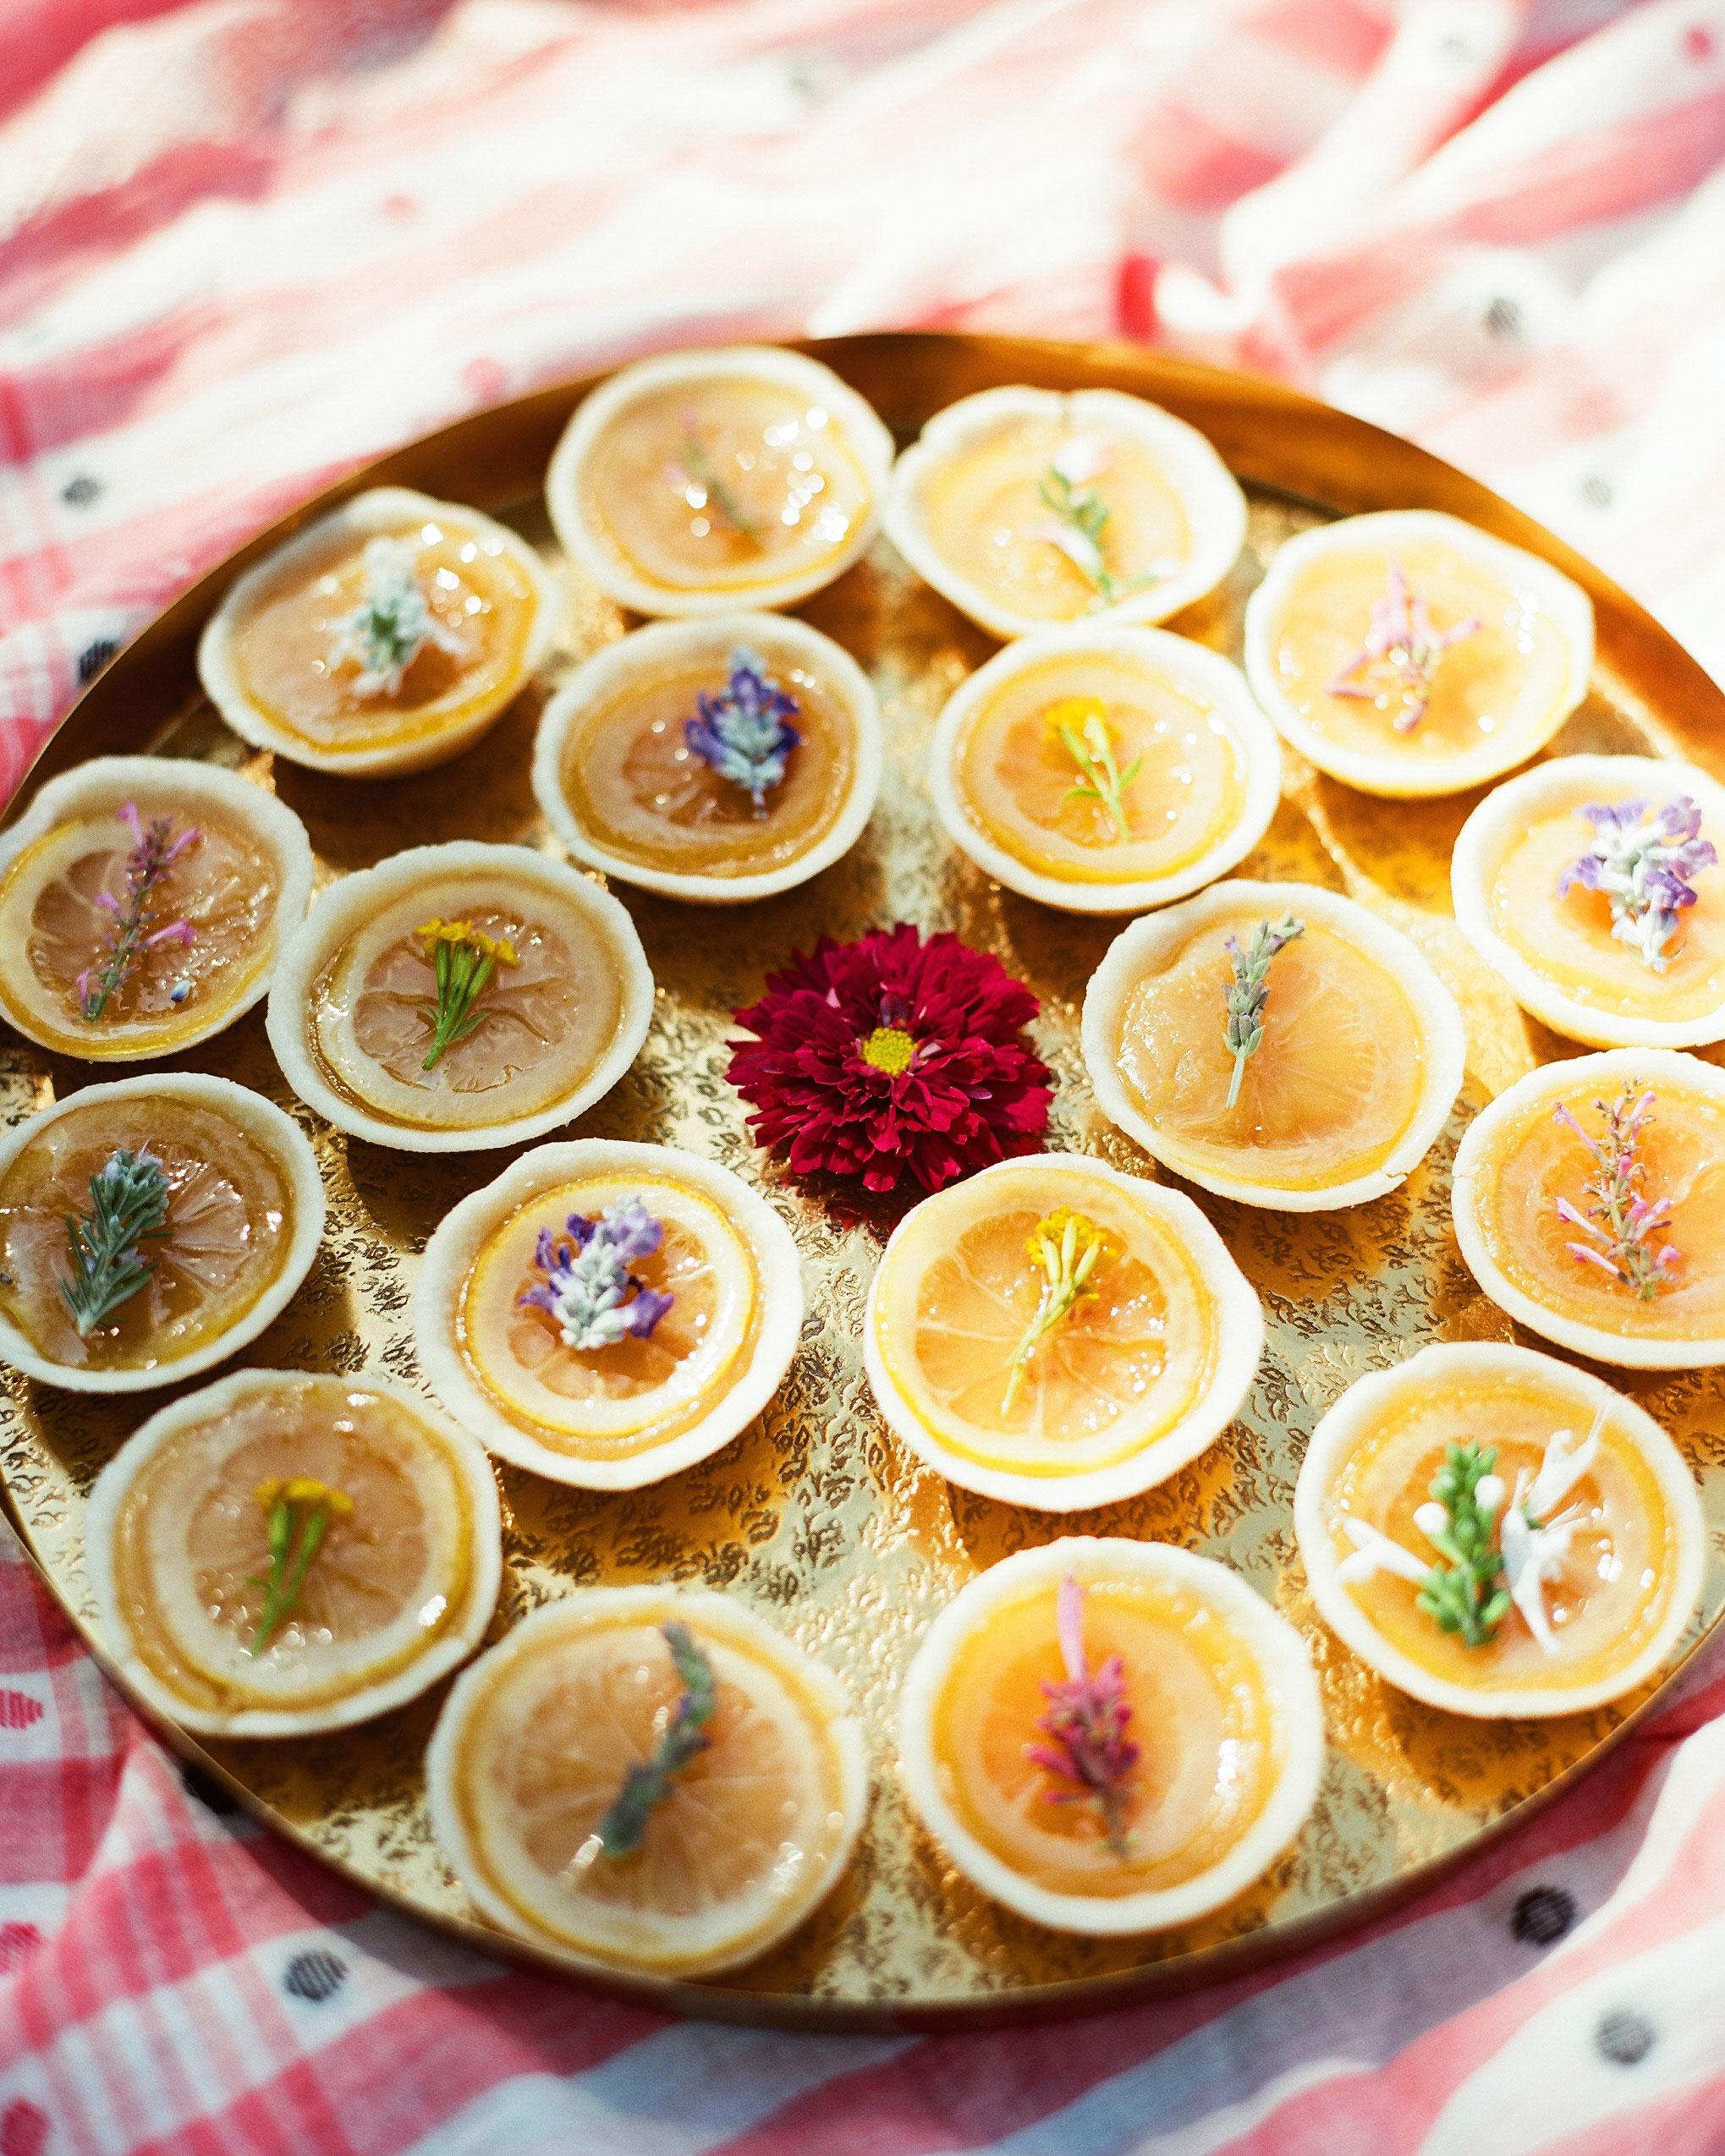 fiona-peter-wedding-lemon-desserts-964503-d112512.jpg